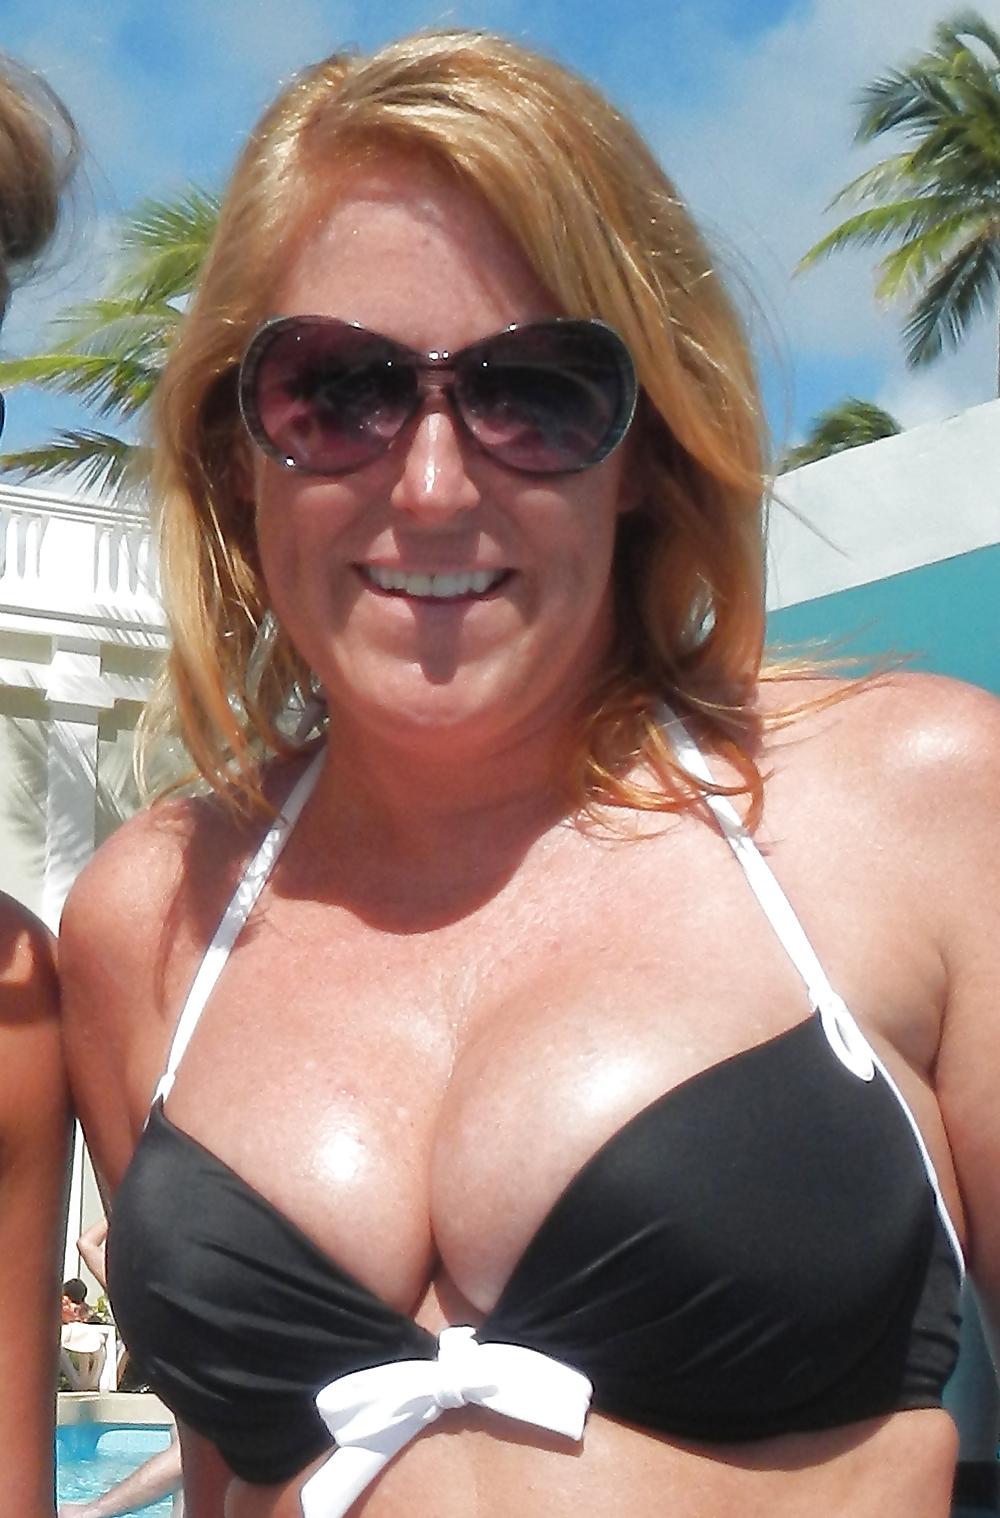 Wwe diva torrie nude